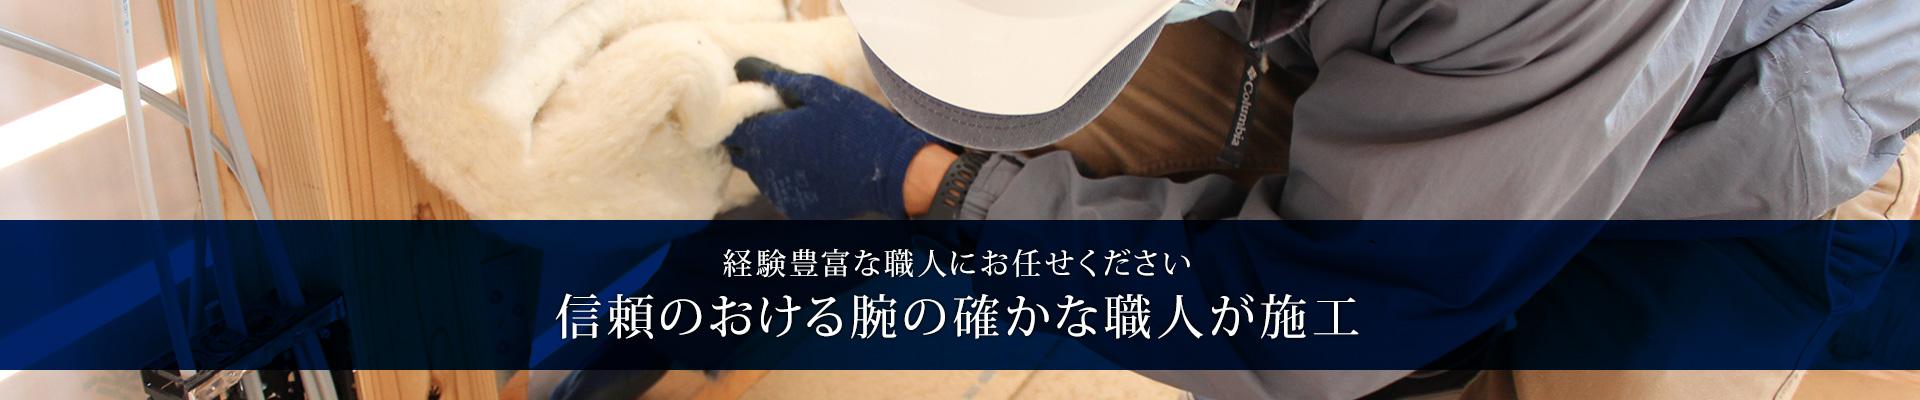 経験豊富な職人にお任せください 信頼のおける腕の確かな職人が施工